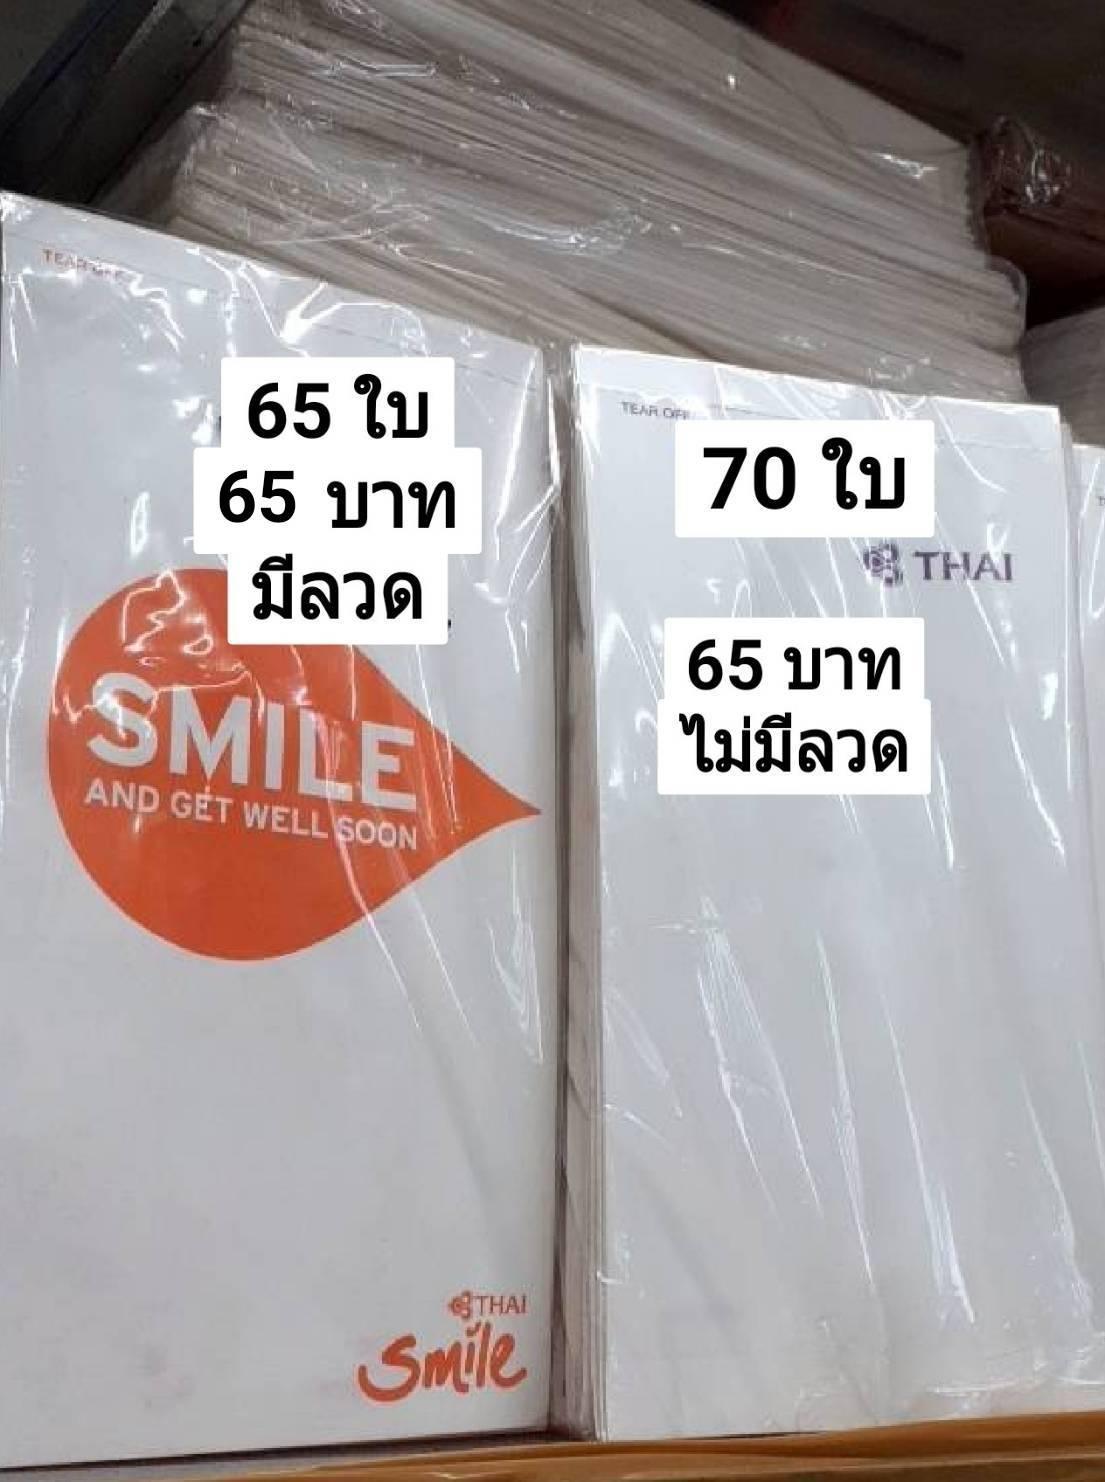 ถุงกระดาษใส่เครื่องสำอางค์,น้ำหอม ไว้ขาย ตรา การบินไทย ,Smile มีลวดและไม่มีลวดตามภาพโปรดระบุ